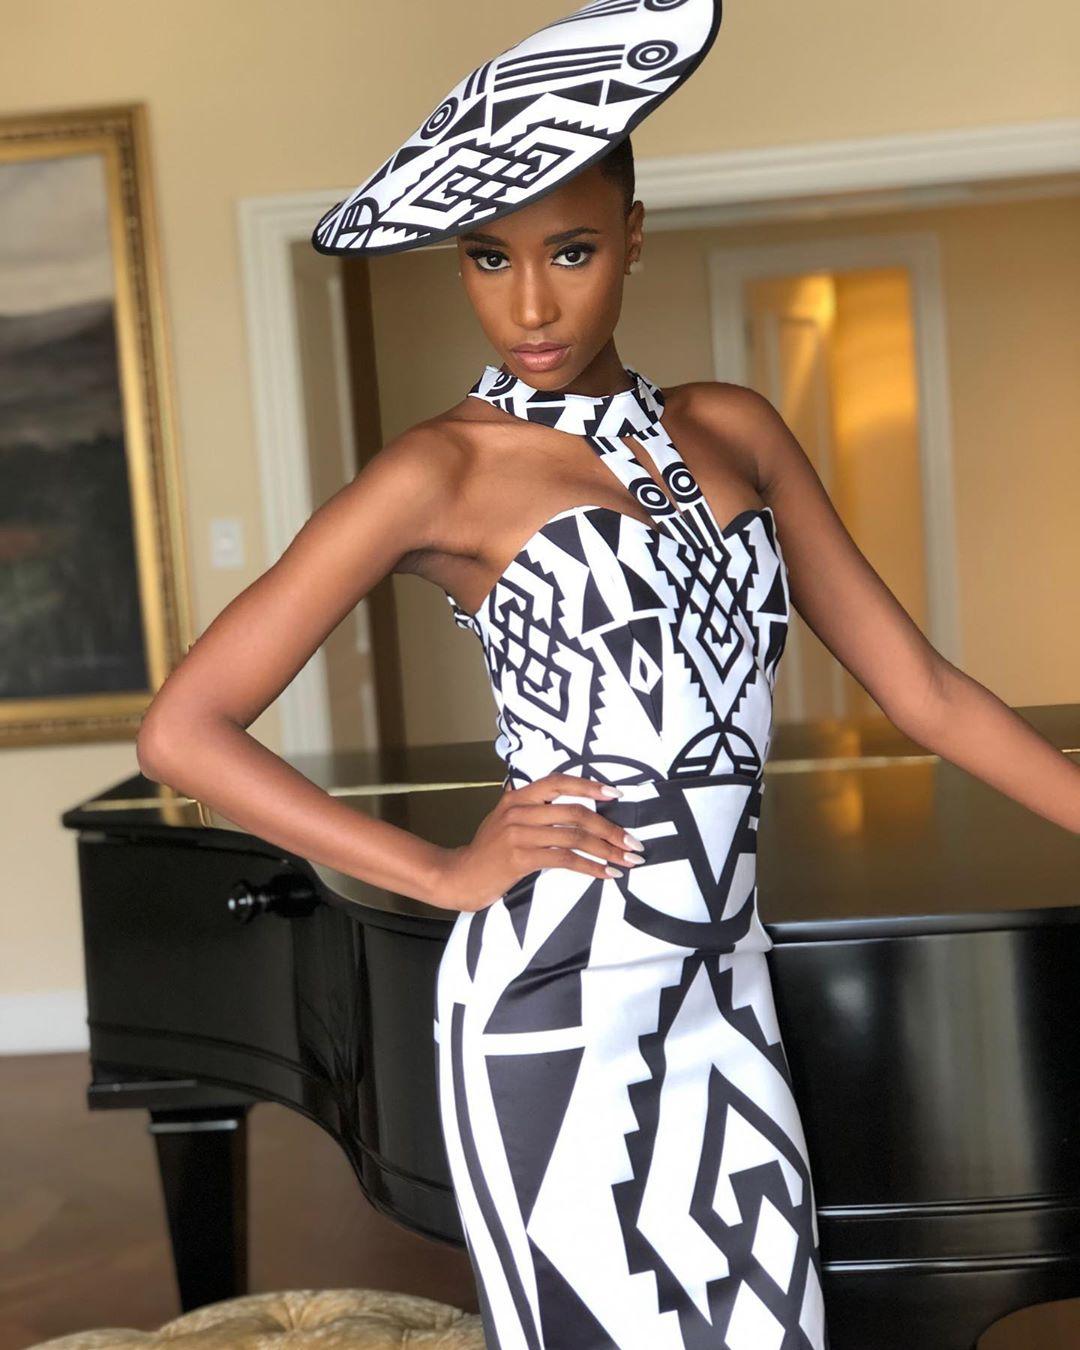 Cape Town Welcomes Zozibini Tunzi, Miss Universe